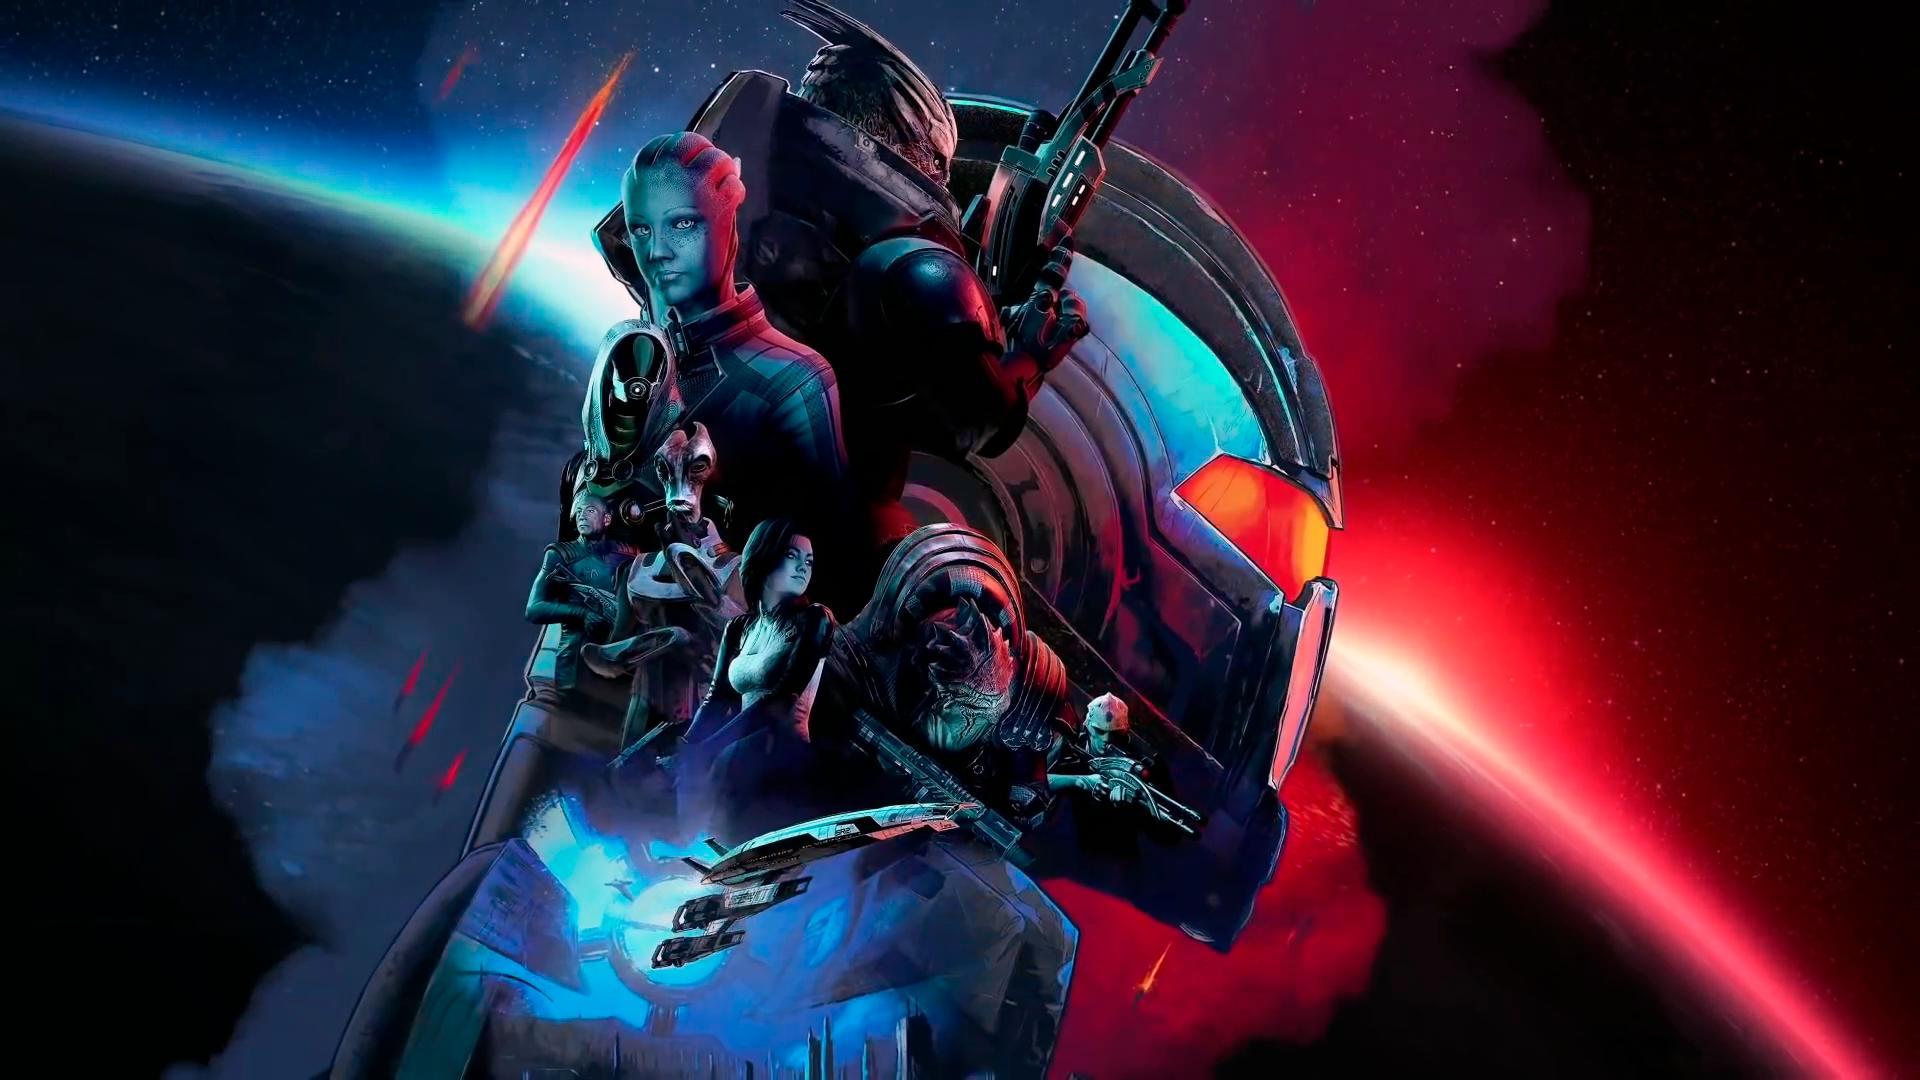 Состоялся релиз сборника Mass Effect Legendary Edition. У игры уже есть проблемы в Steam